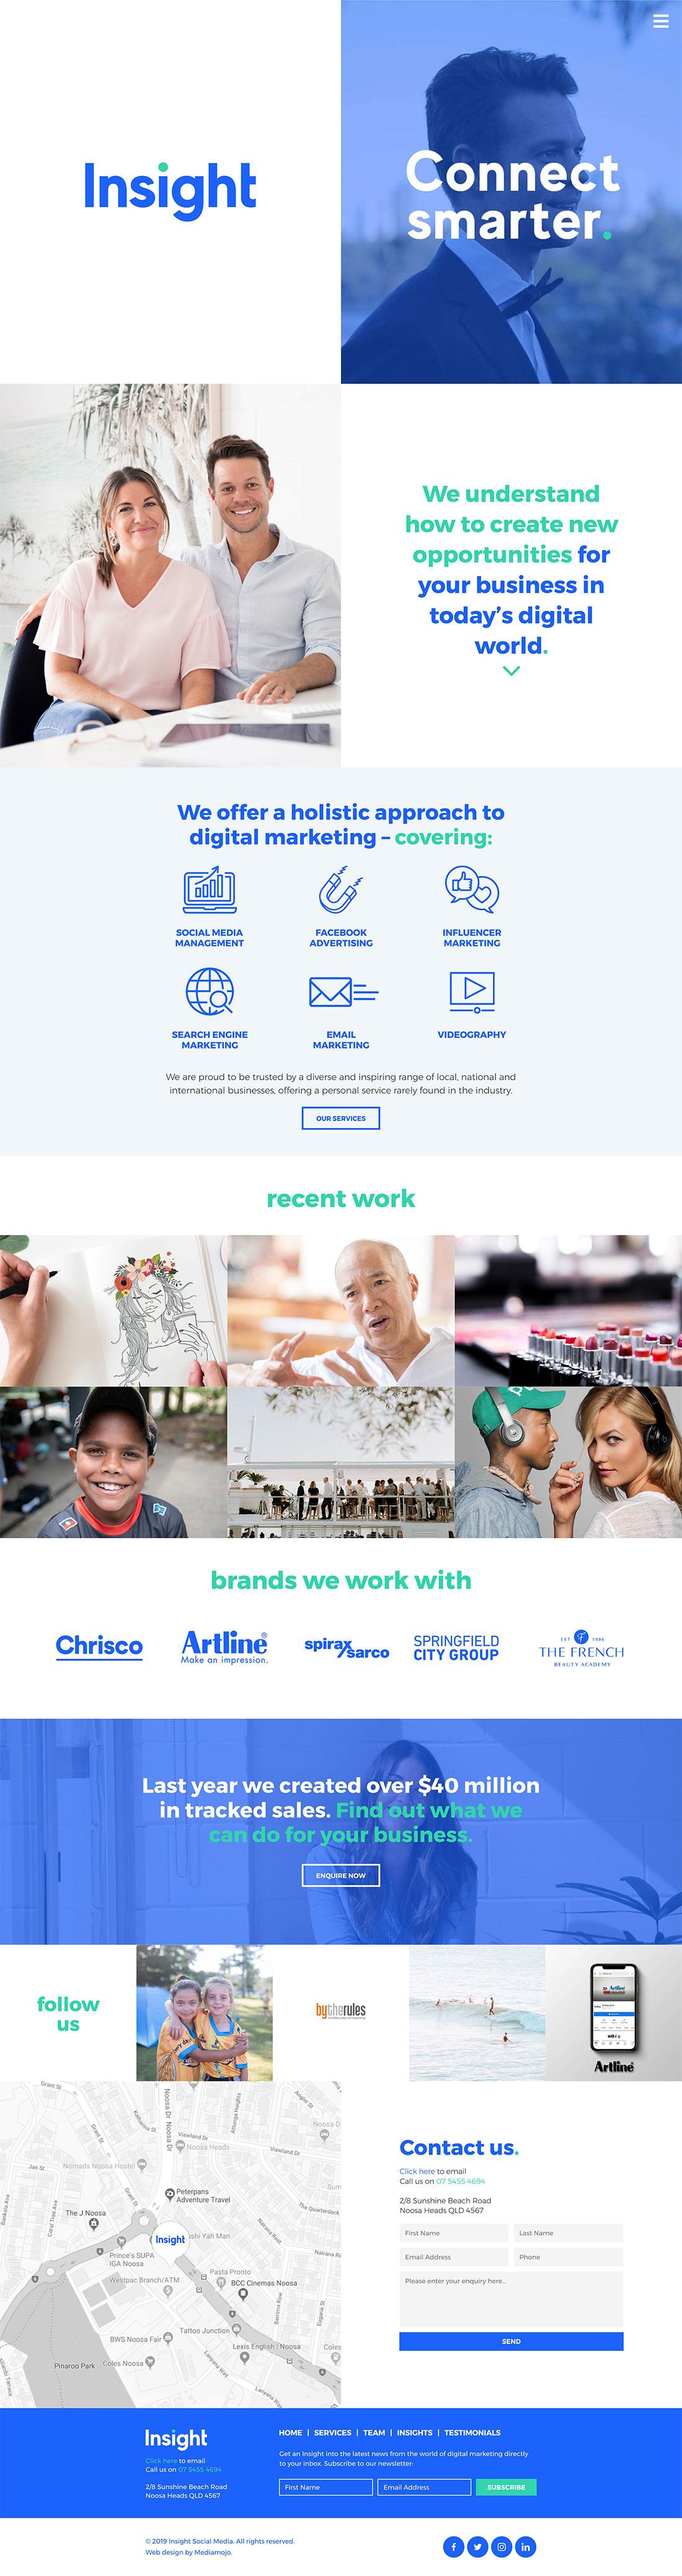 Insight Social Media website design